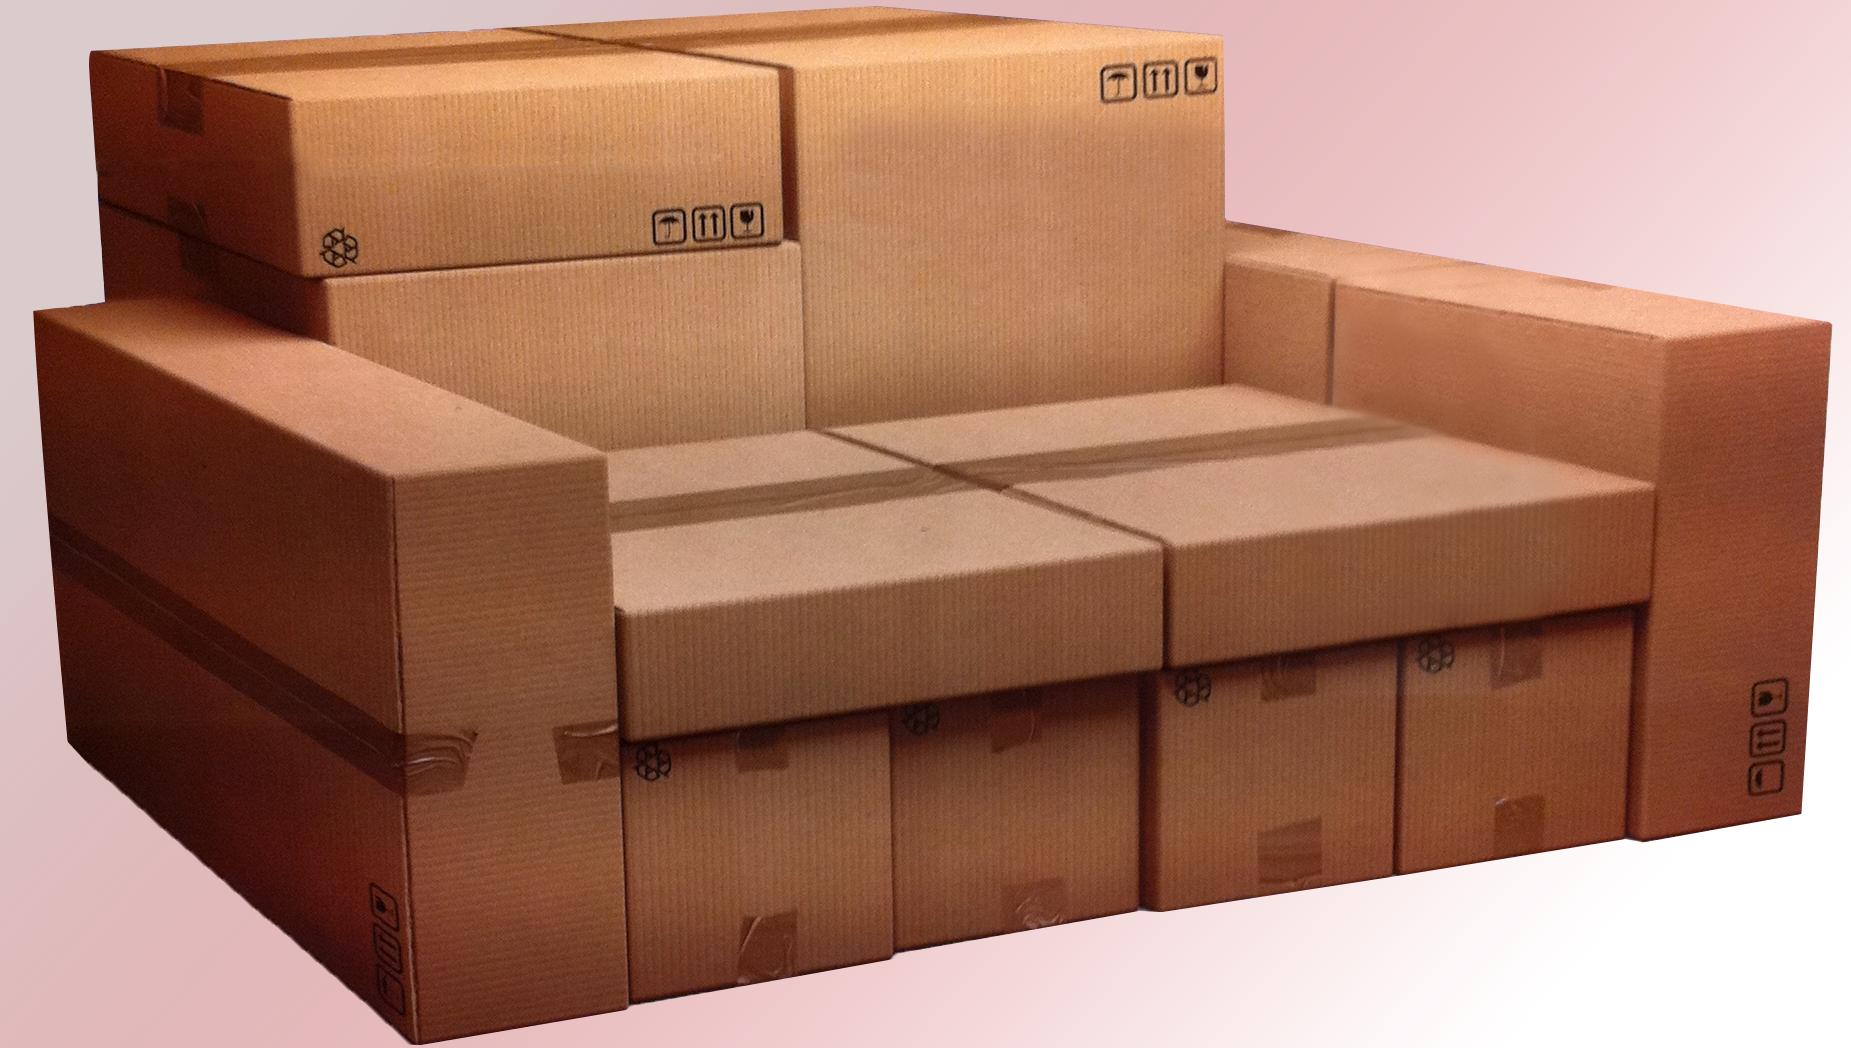 canape-en-carton-louer-meuble-ou-vide